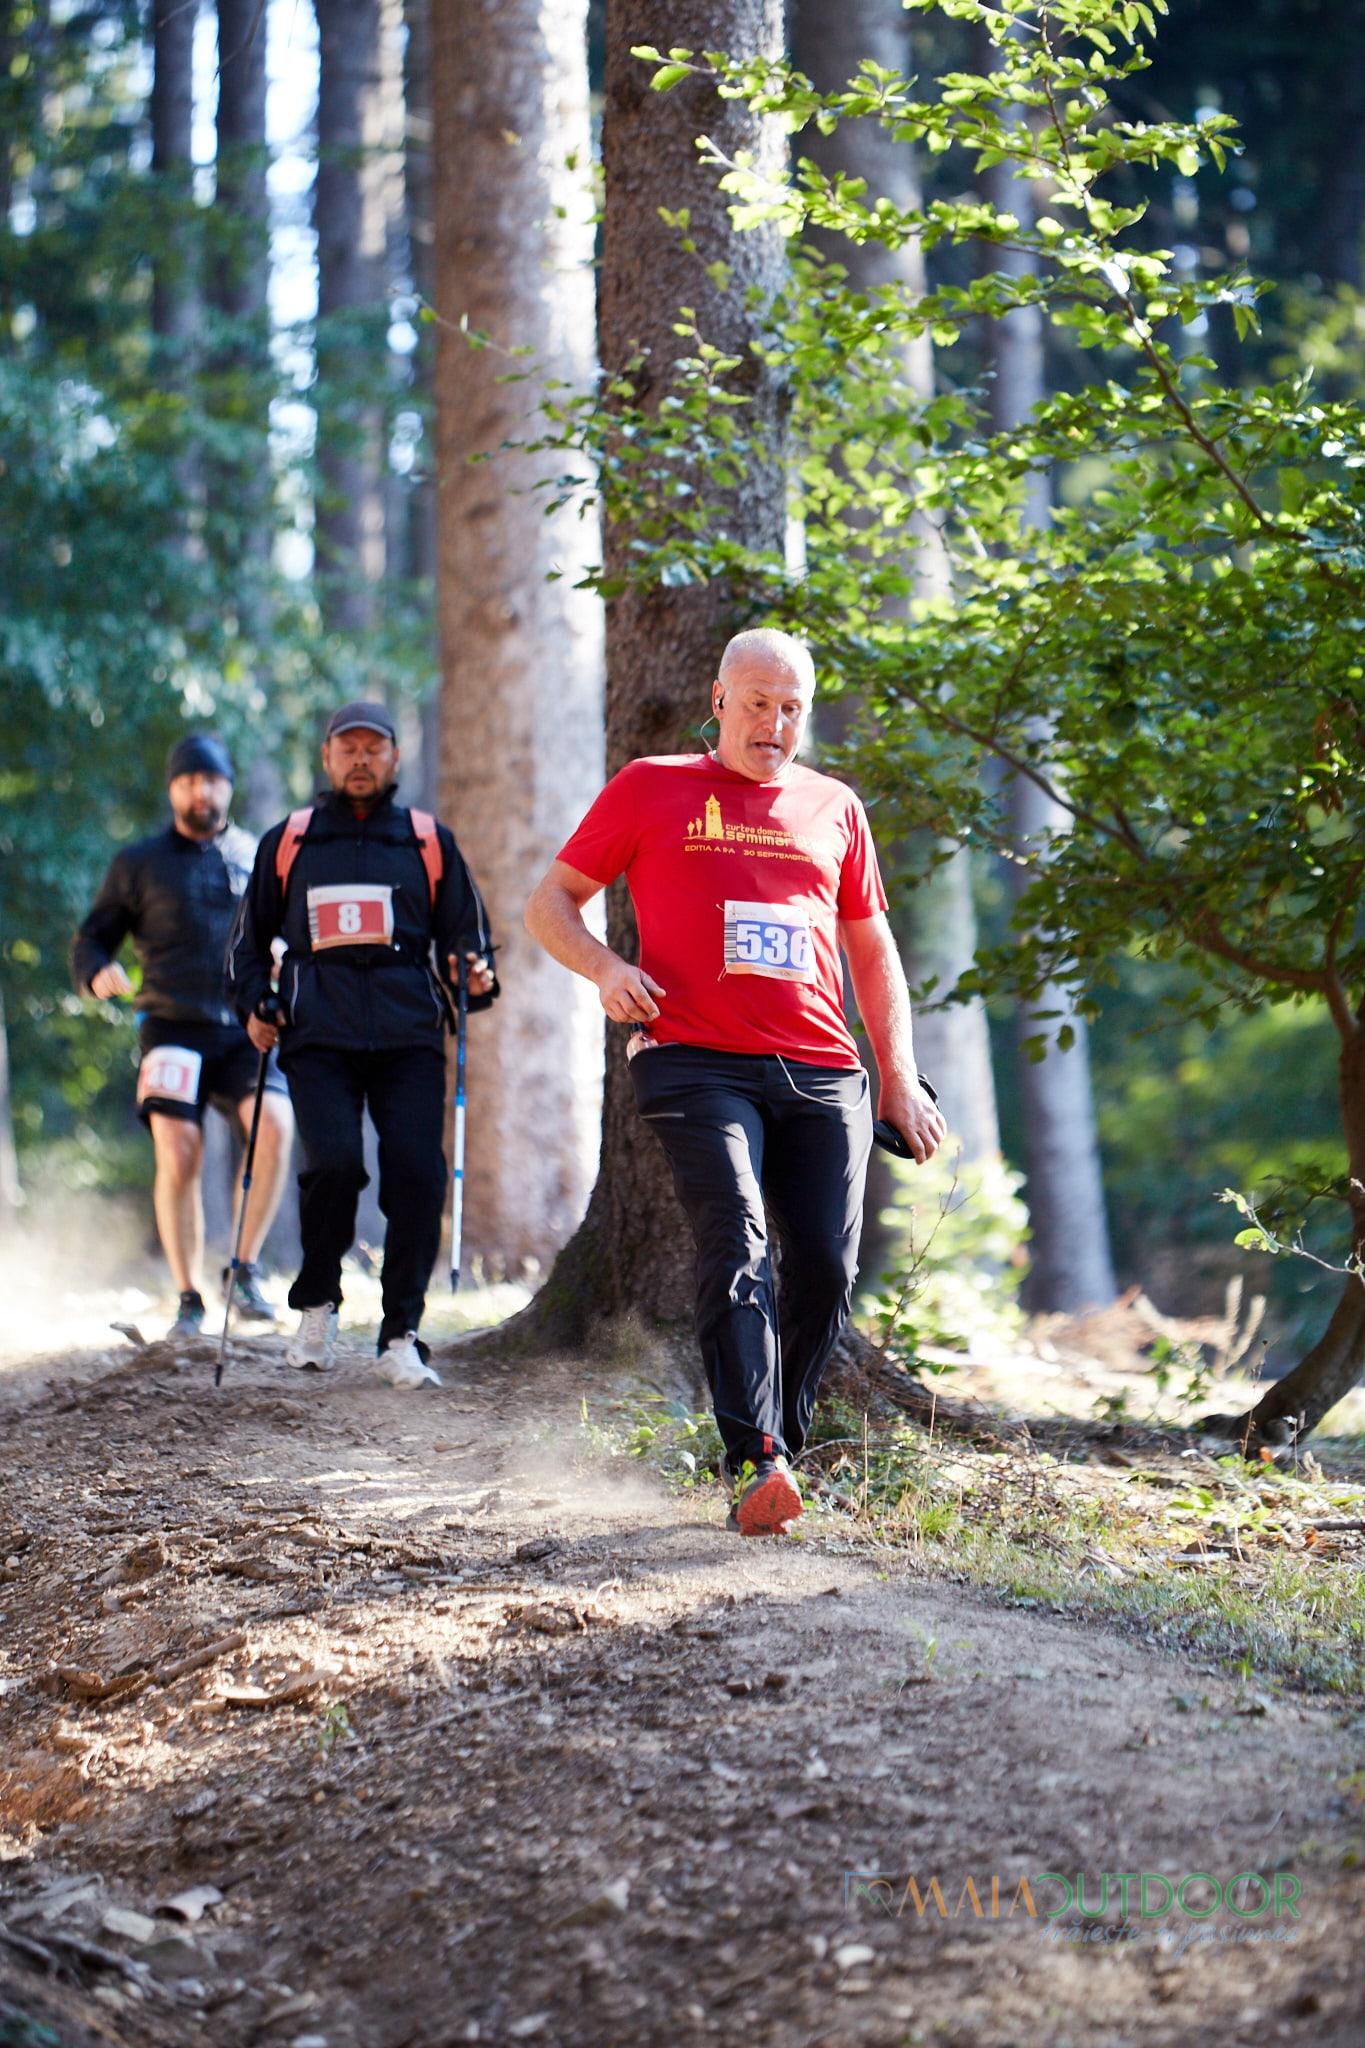 Semimaraton_Curtea_Domneasca_MaiaOutdoor.ro_IMG_6073-min